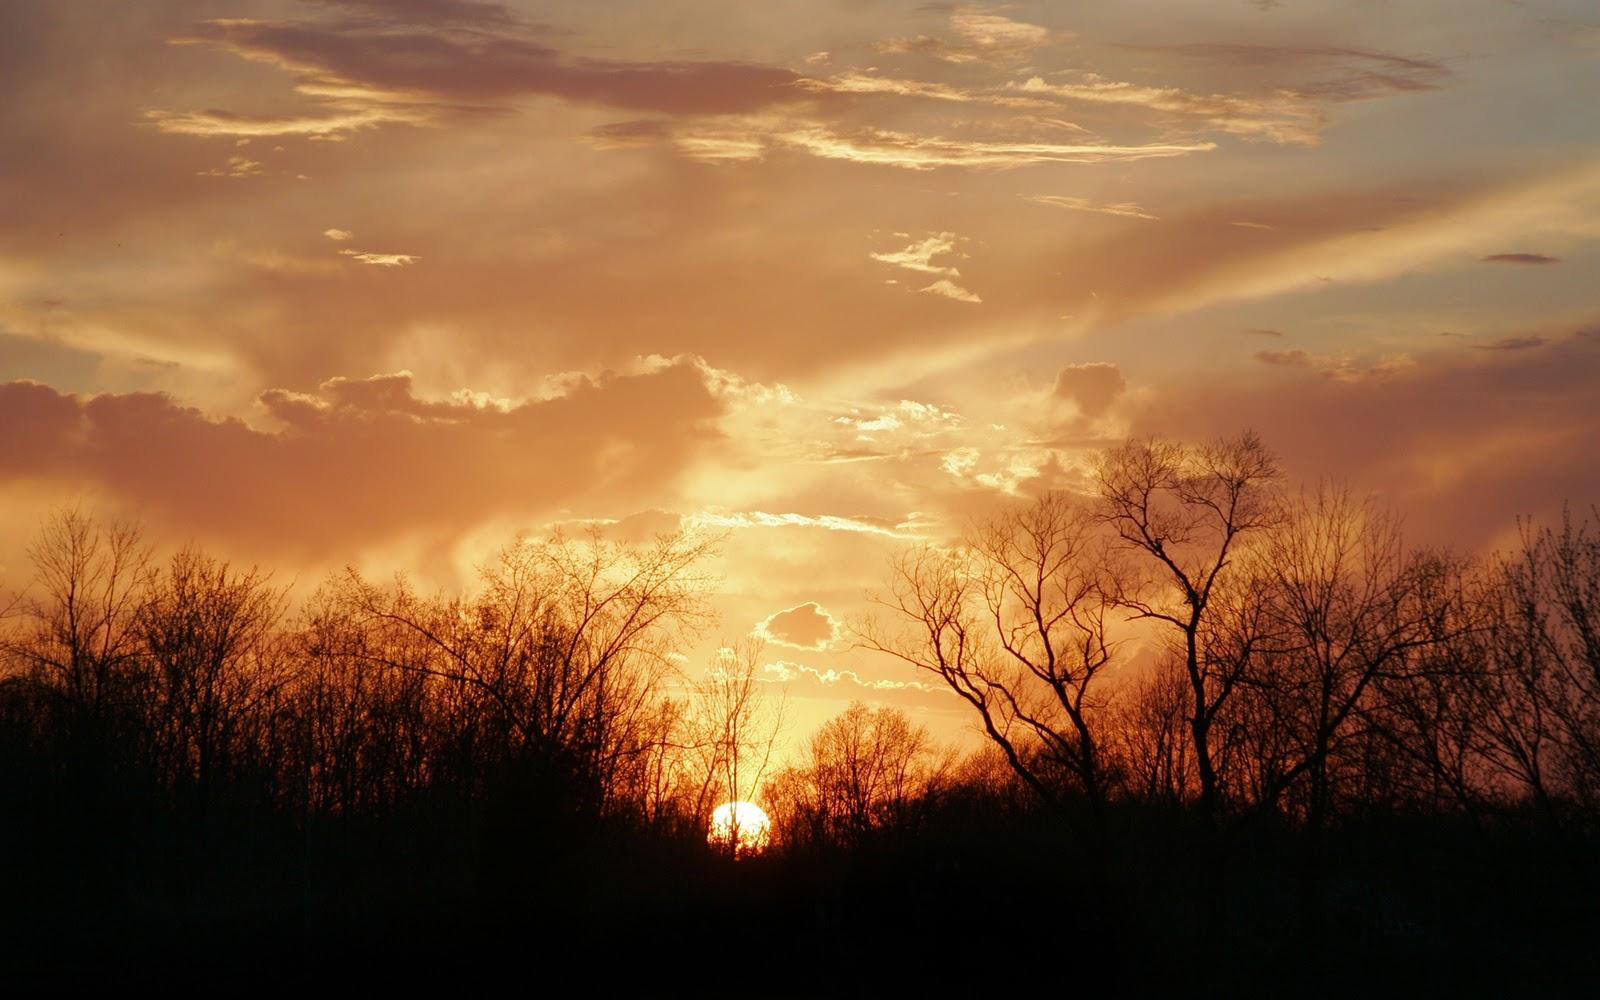 http://2.bp.blogspot.com/_g0tv7q-b5Cw/TQppXe4AYNI/AAAAAAAAAMU/t0hLBDodMkA/s1600/Gorgeous_Country_Sunset_by_Armedwithacamera.jpg